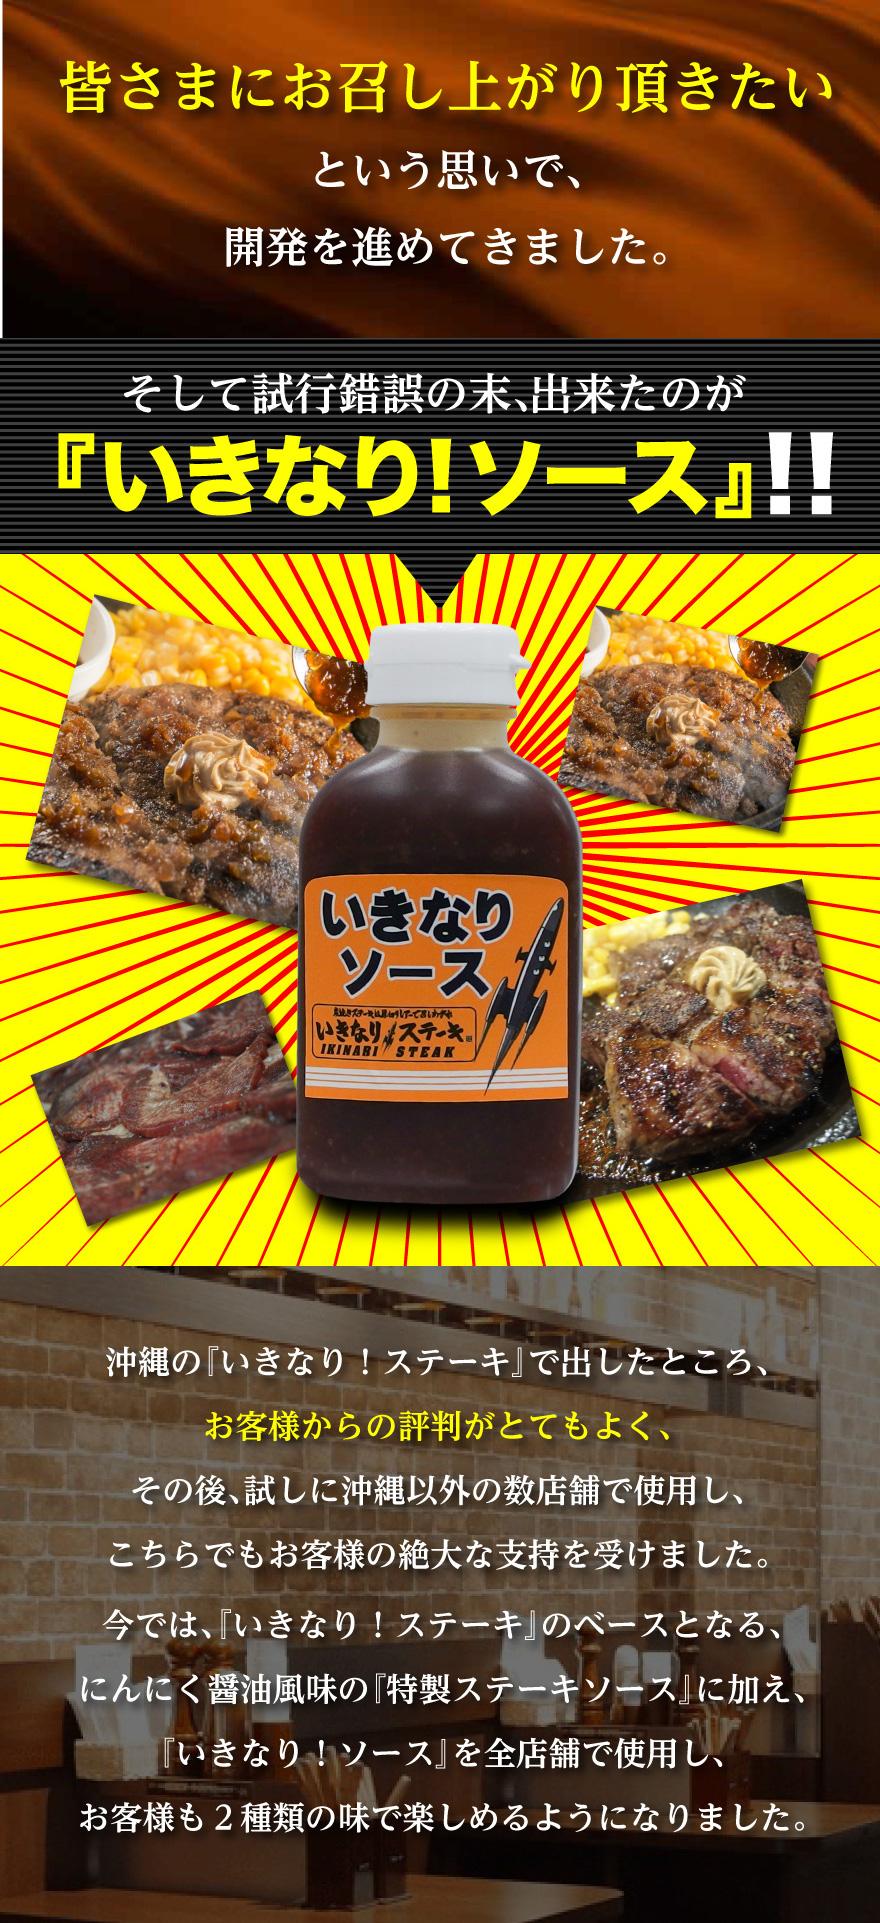 「いきなりステーキ」のステーキソースです